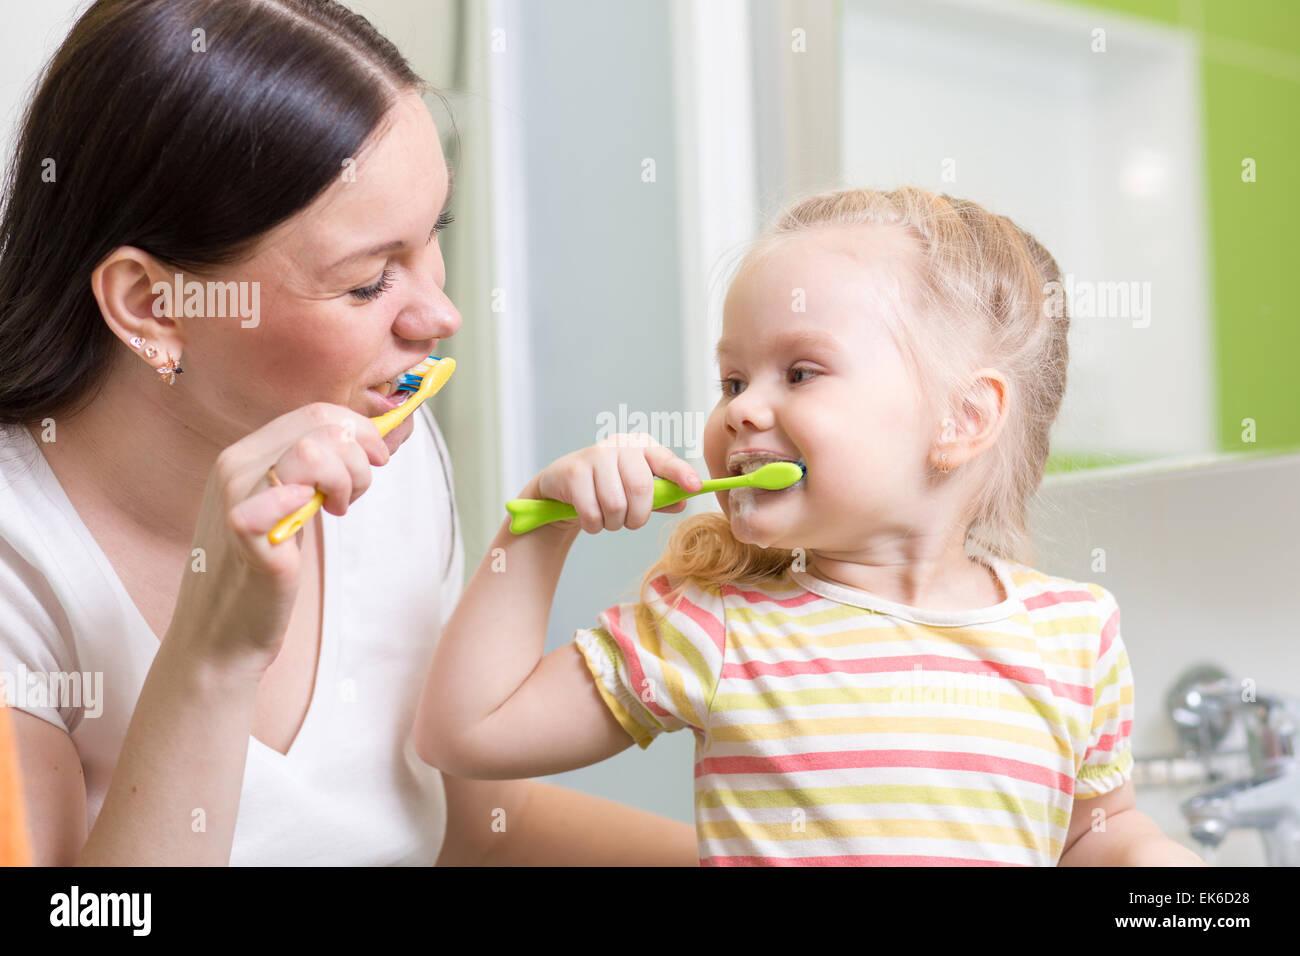 Carino insegnamento mom kid spazzolatura dei denti Immagini Stock